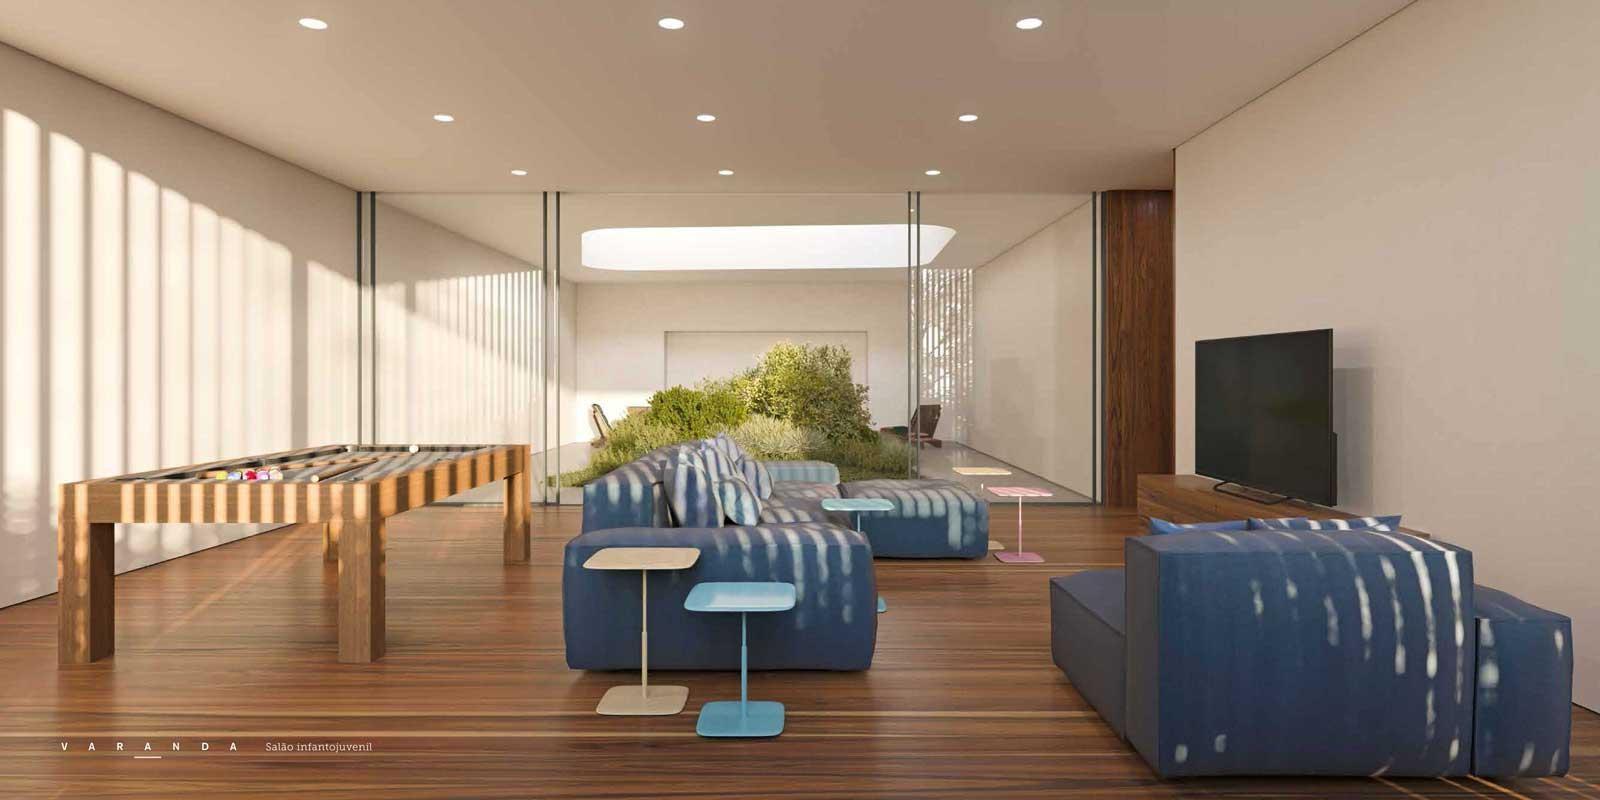 TPS Imóveis - Veja Foto 24 de 40 do Apartamento com 3 Suites no bairro Petrópolis, Porto Alegre